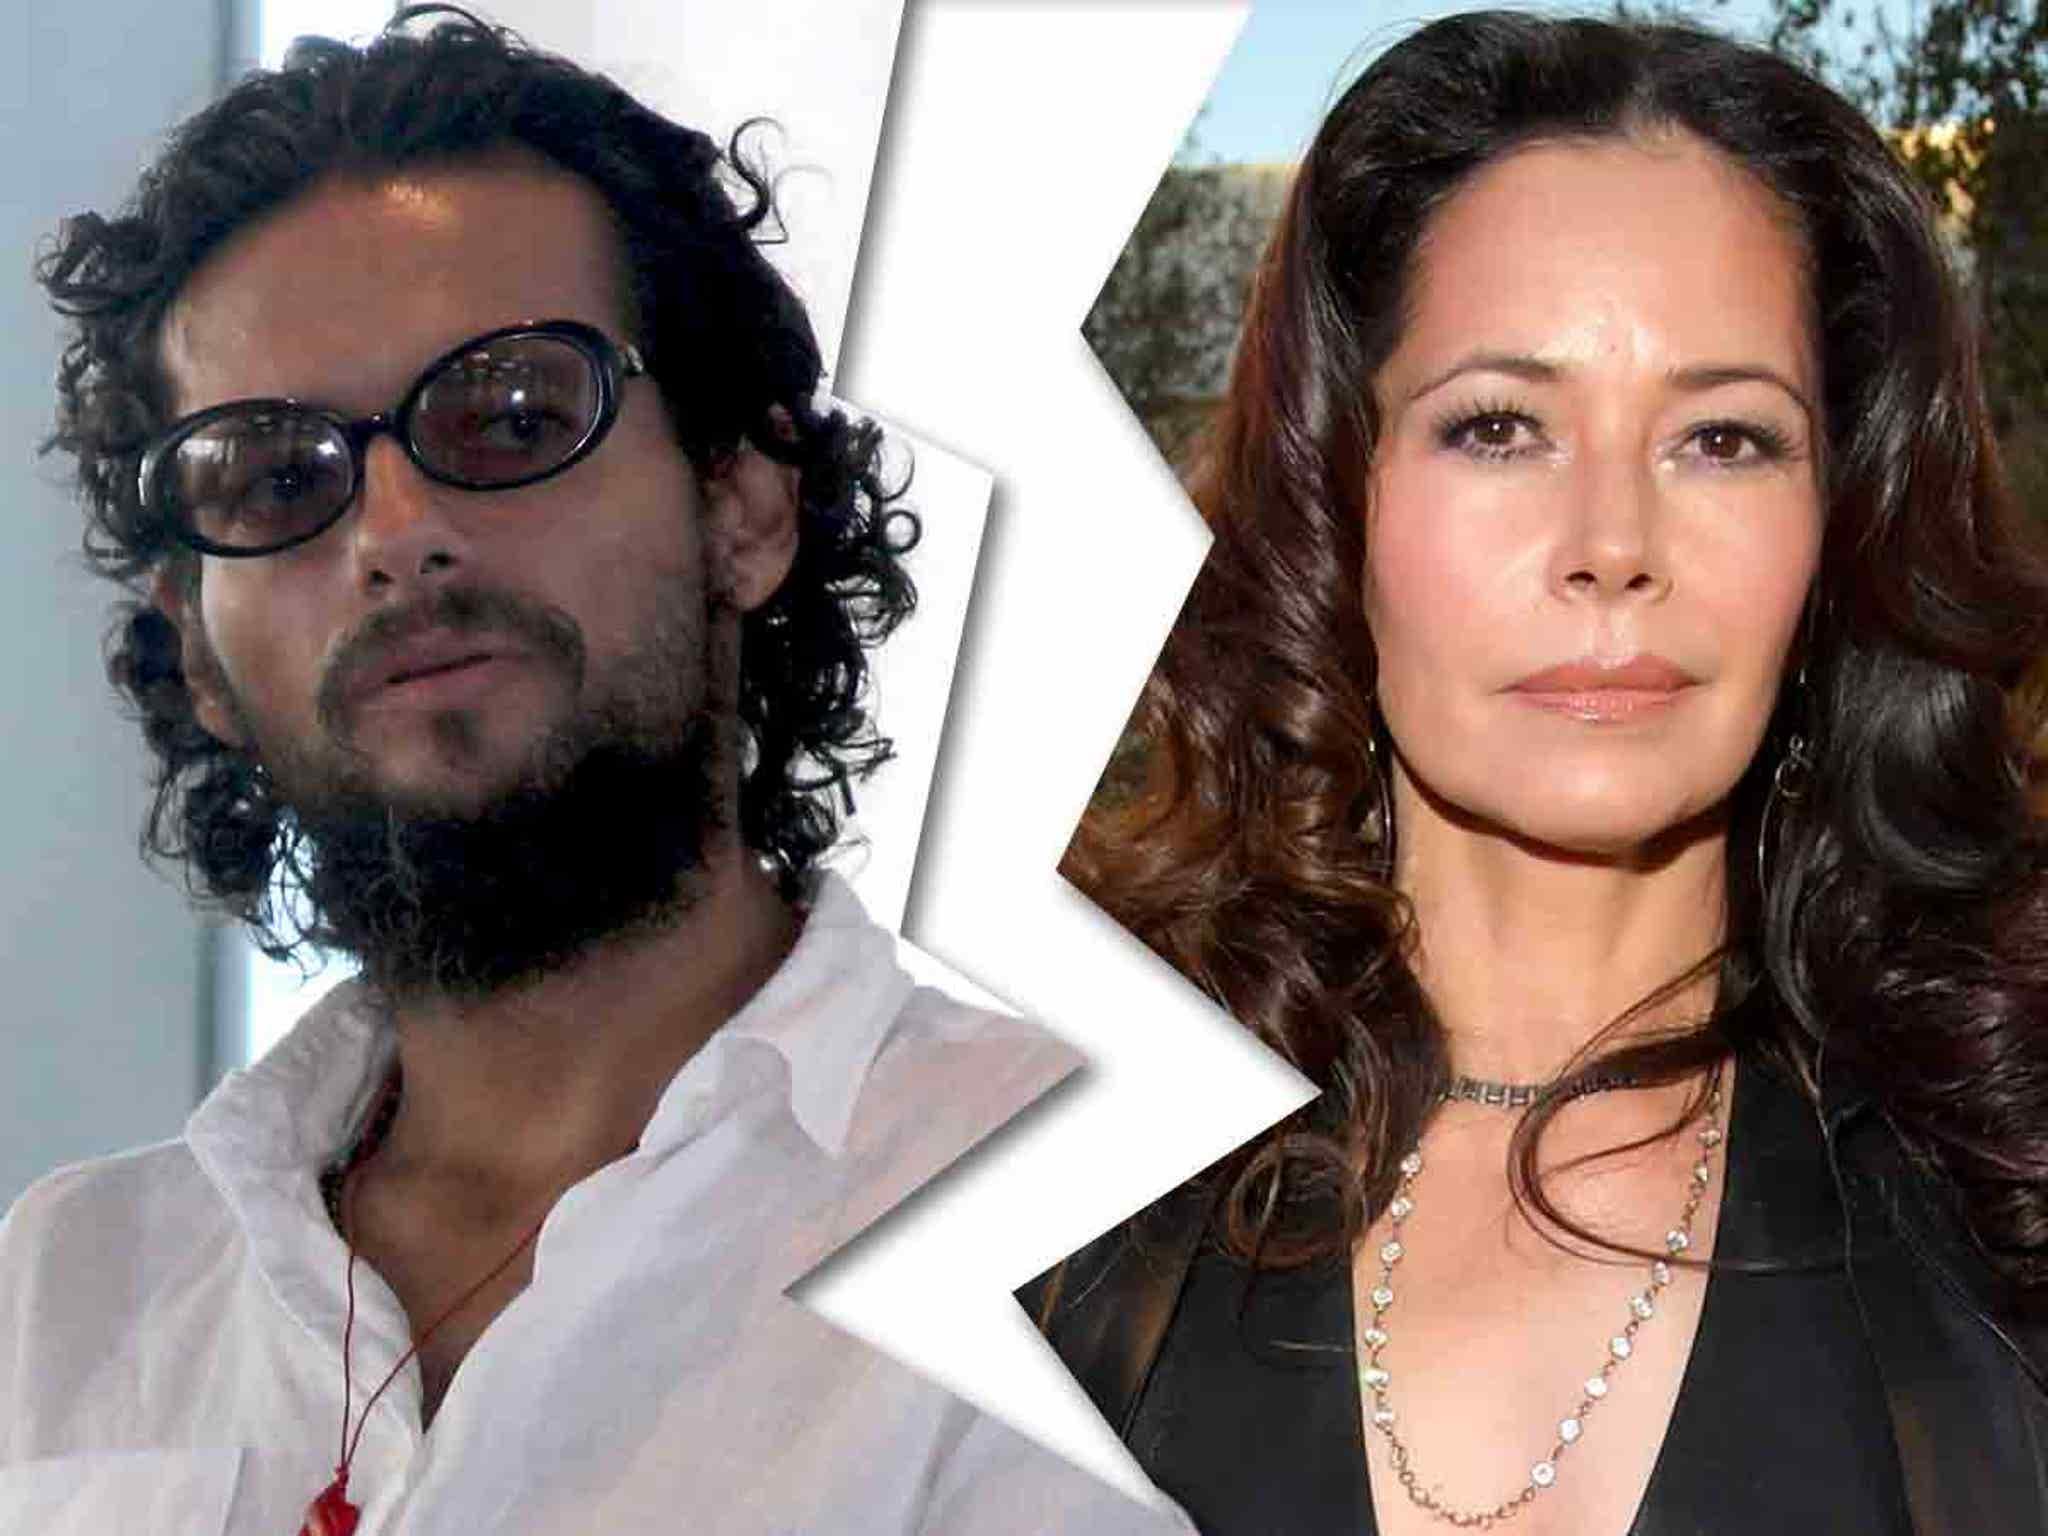 Angela Alvarado ex-menudo heartthrob robi draco rosa files for divorce